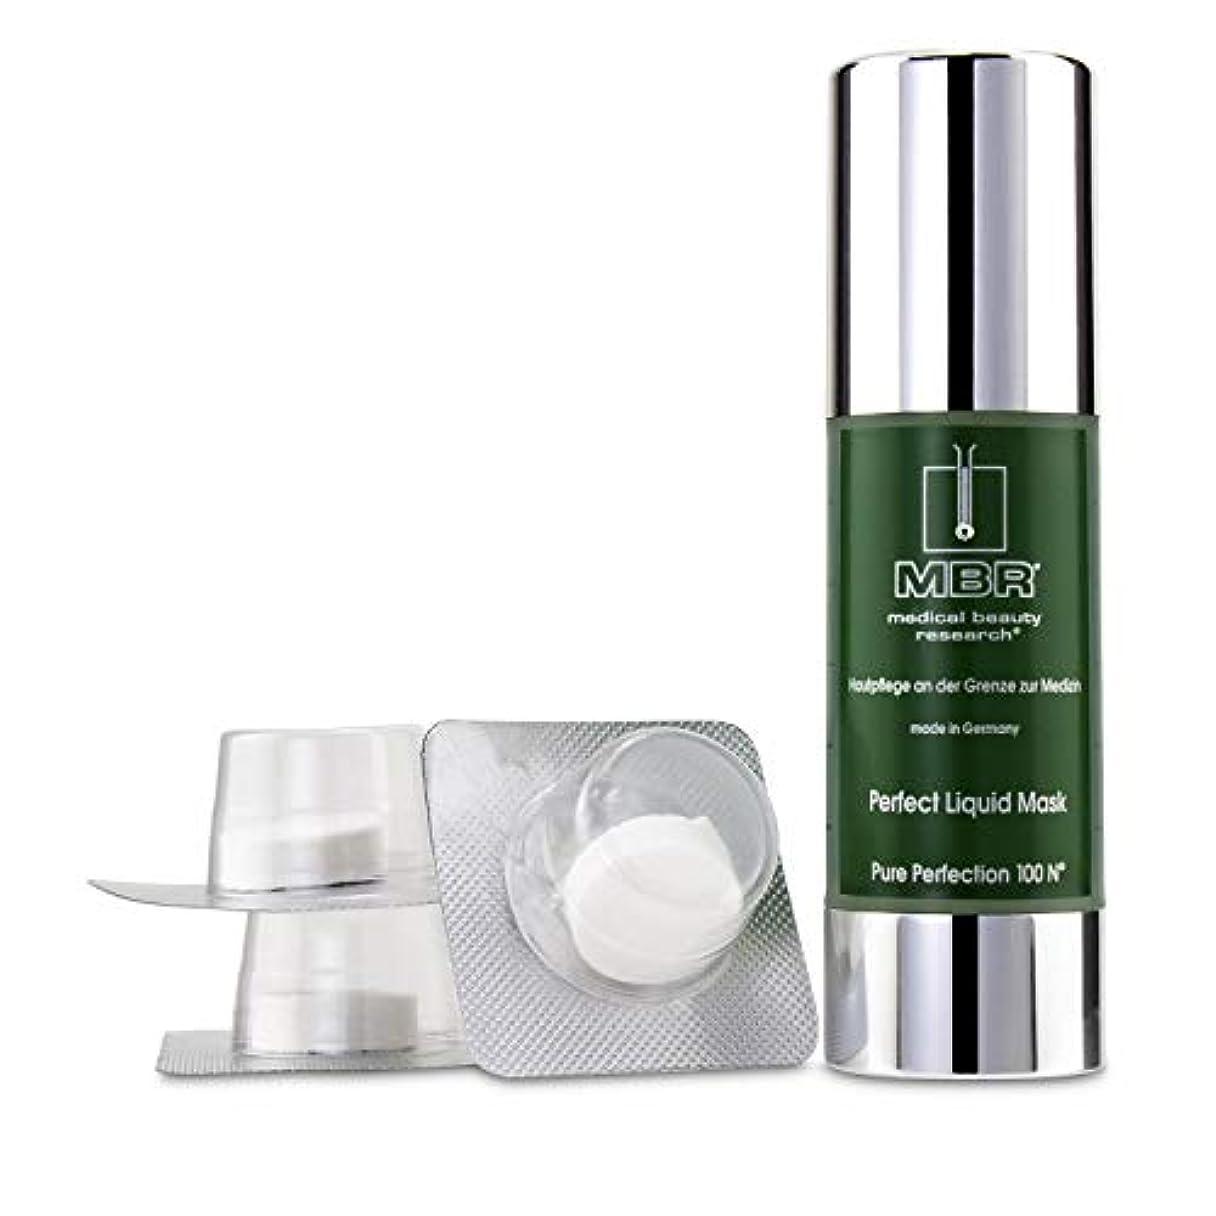 重なる序文誰のMBR Medical Beauty Research Pure Perfection 100N Perfect Liquid Mask 6applications並行輸入品